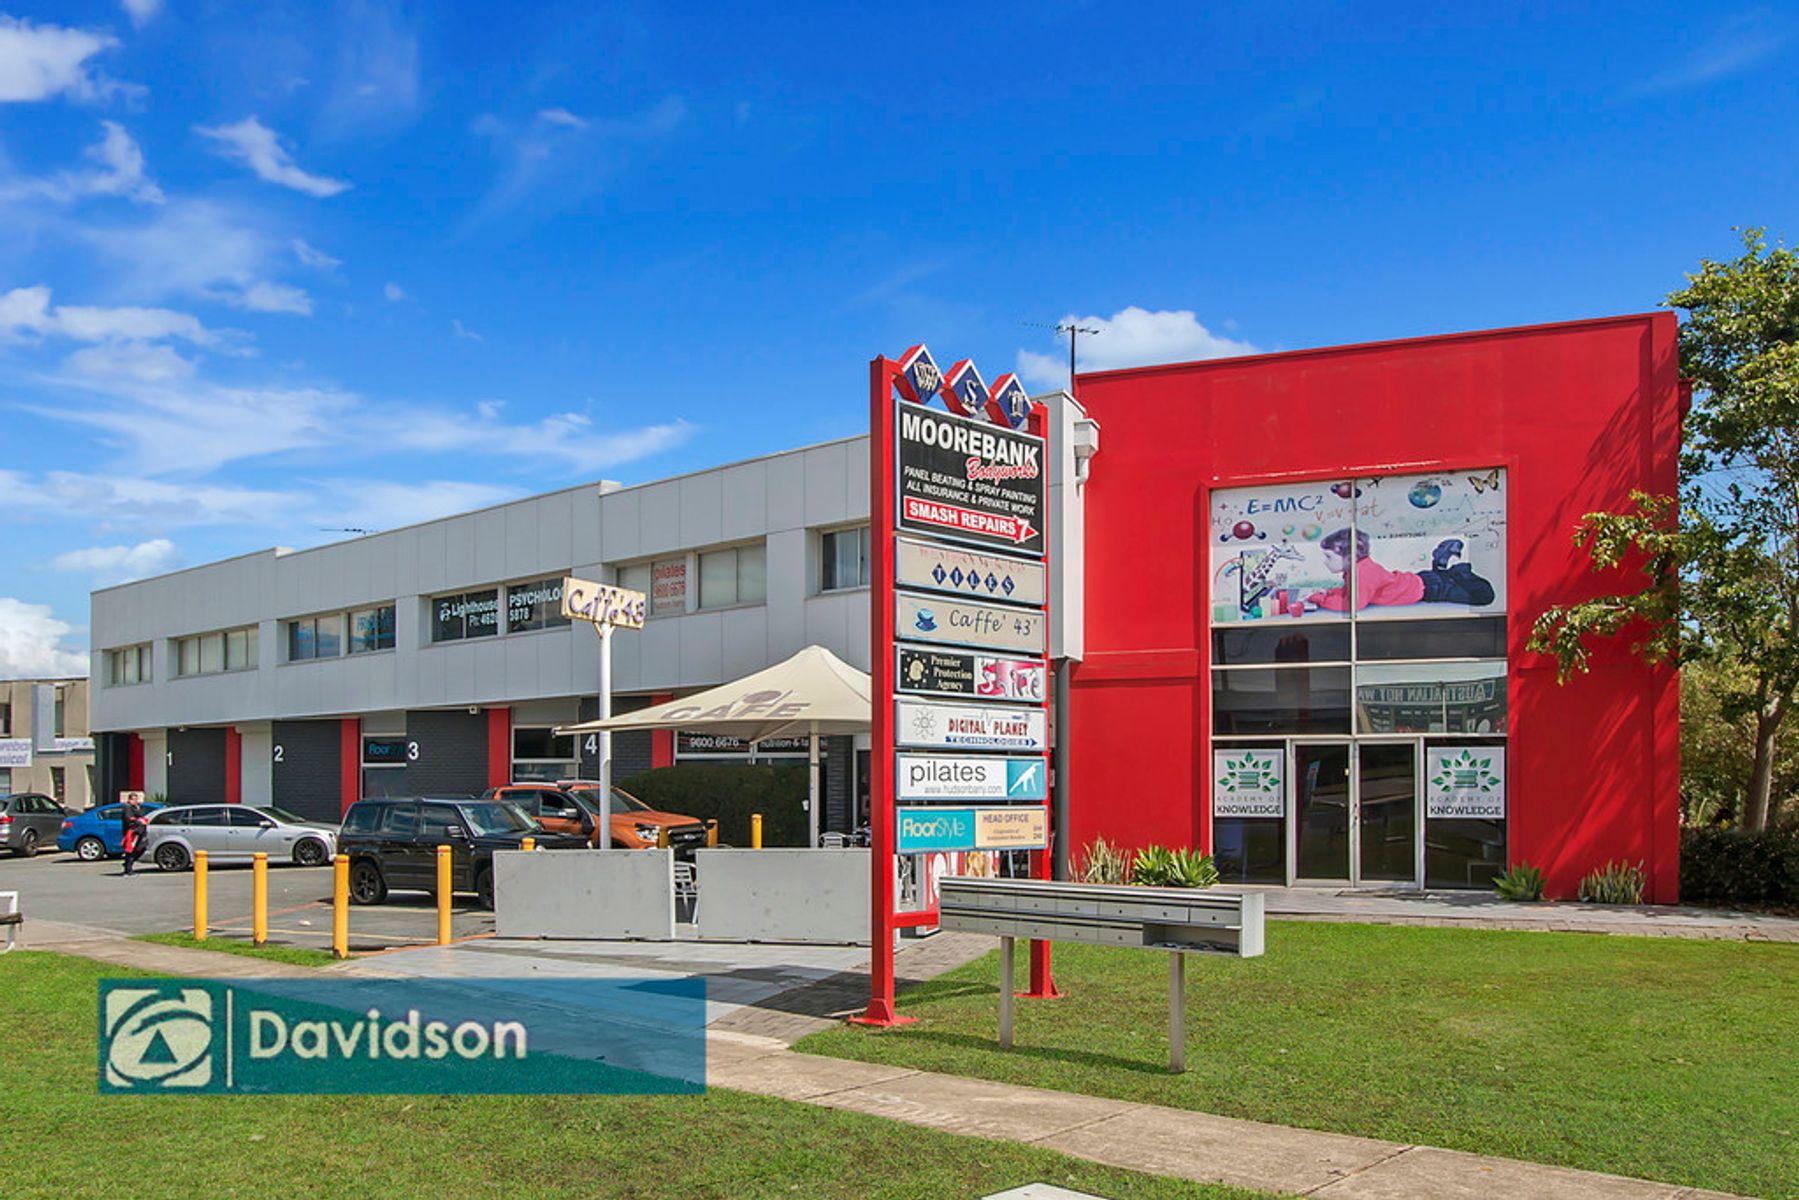 6/43 Heathcote Road, Moorebank, NSW 2170